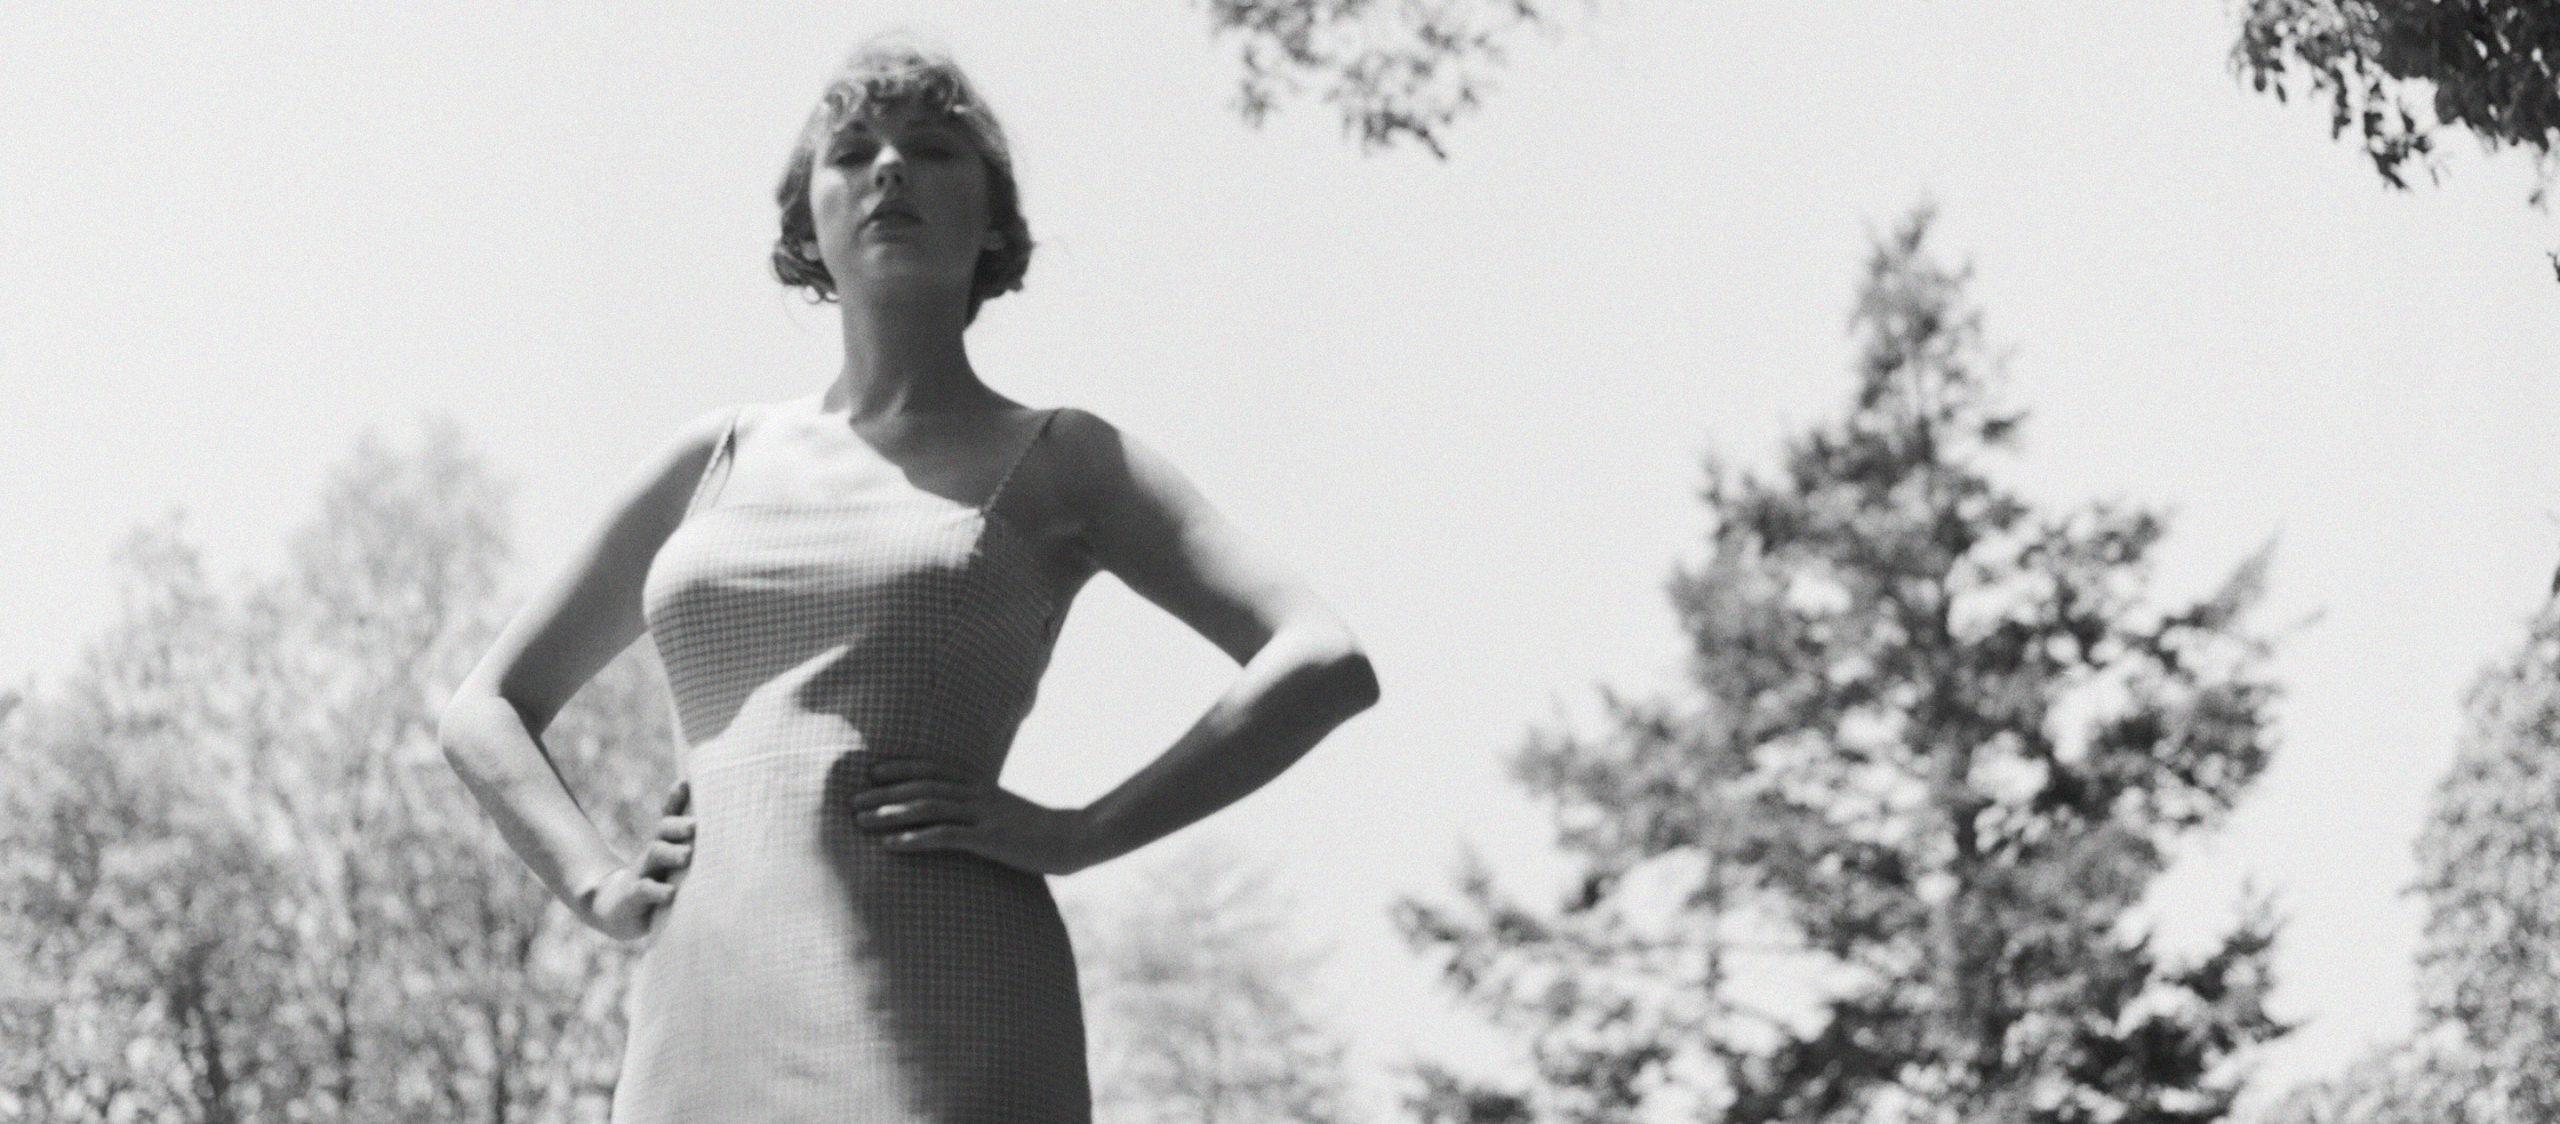 """""""ถ้าไม่เจ็บปวด ก็ไม่เติบโต"""" folklore อัลบั้มที่ตกตะกอนจากความคิดและชีวิตของ Taylor Swift ในวัย 30"""